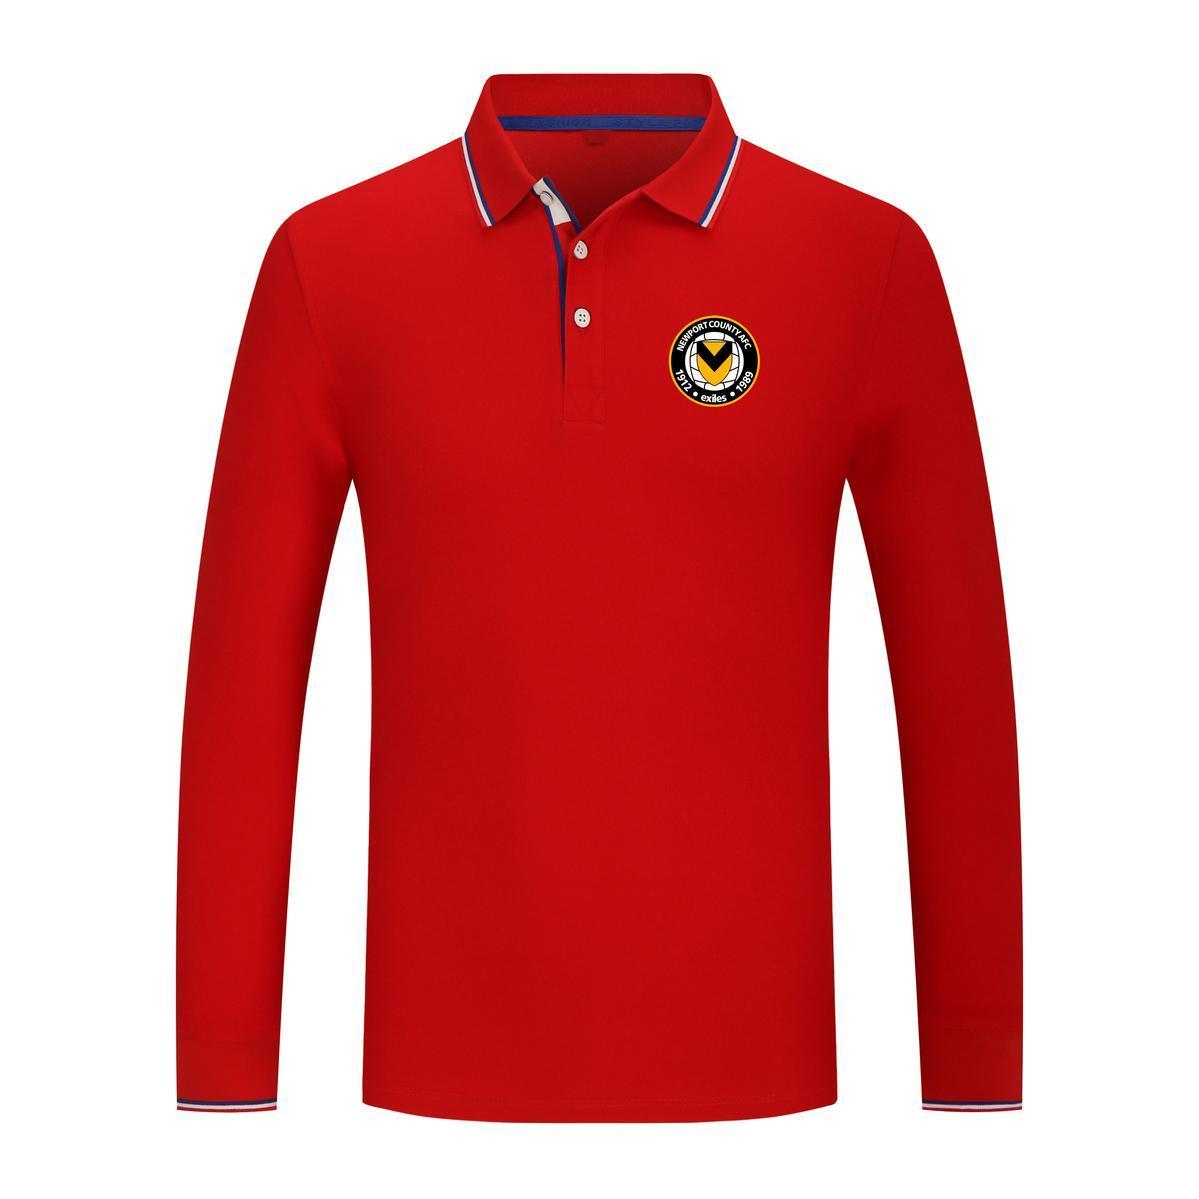 2021 Newport County New Manga larga Sports Sports Polo Shirt Algodón Pure Color Casual Men's Polo Camiseta de polo de alta calidad Serie de golf Jersey